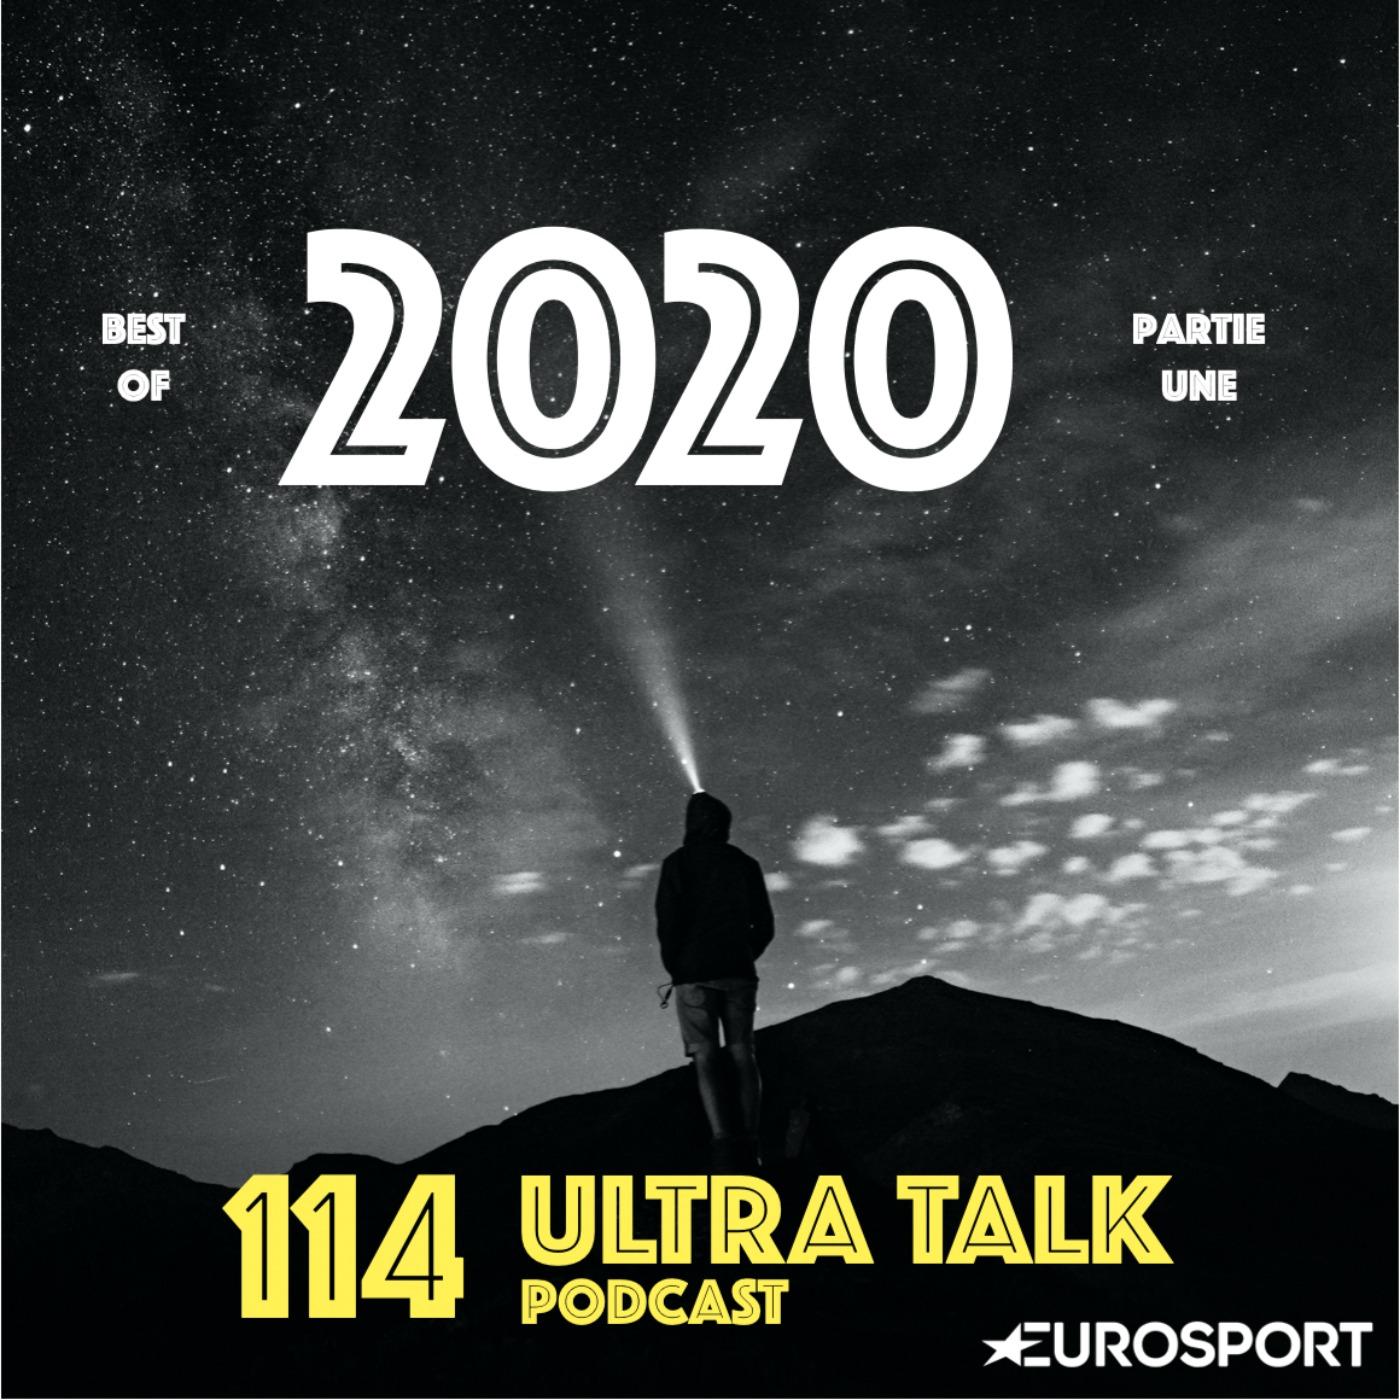 #114 - Best Of 2020 Partie Une